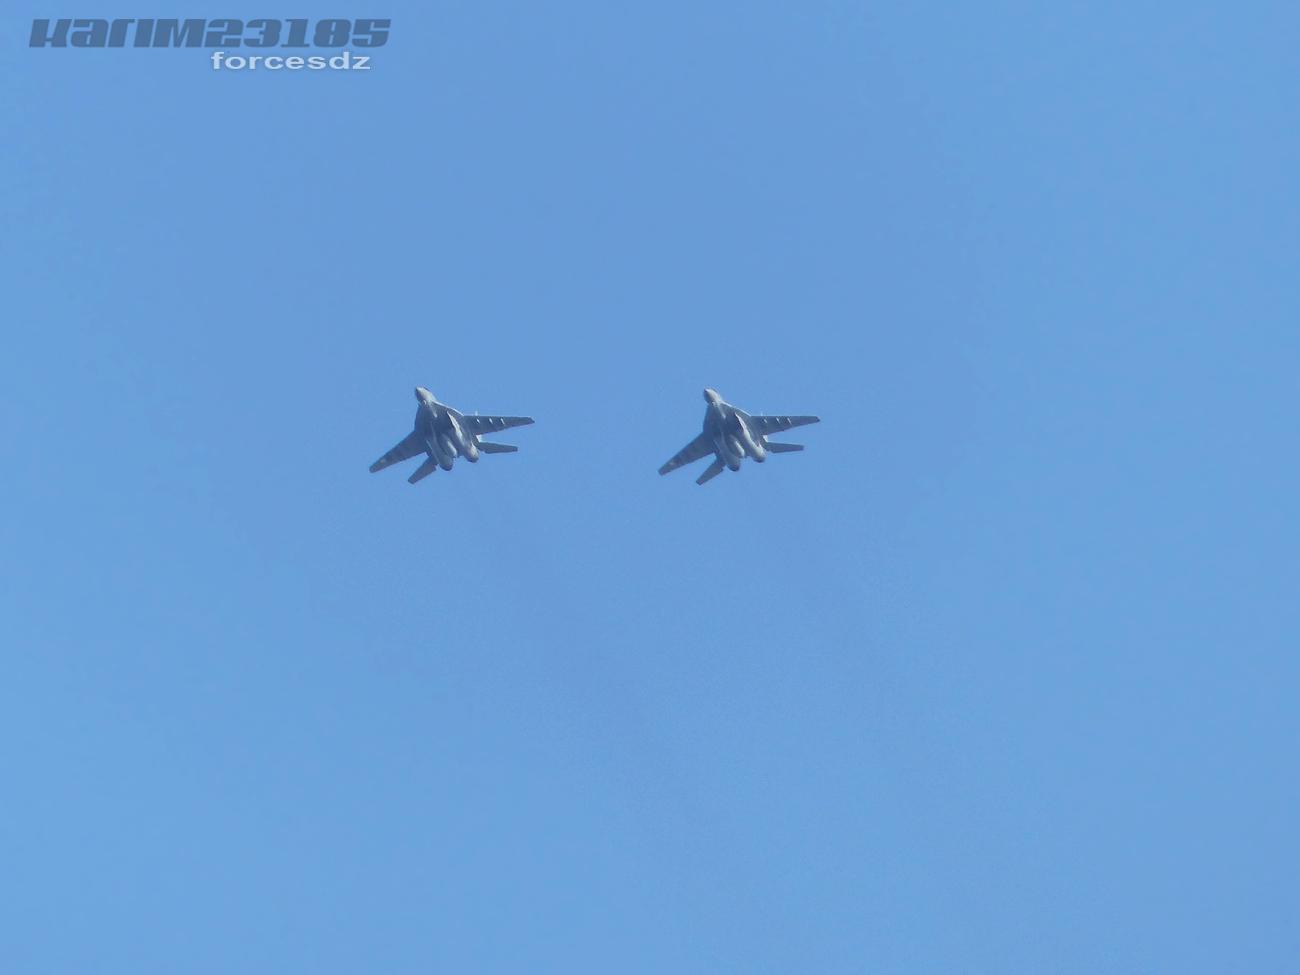 صور طائرات القوات الجوية الجزائرية  [ MIG-29S/UB / Fulcrum ] 3